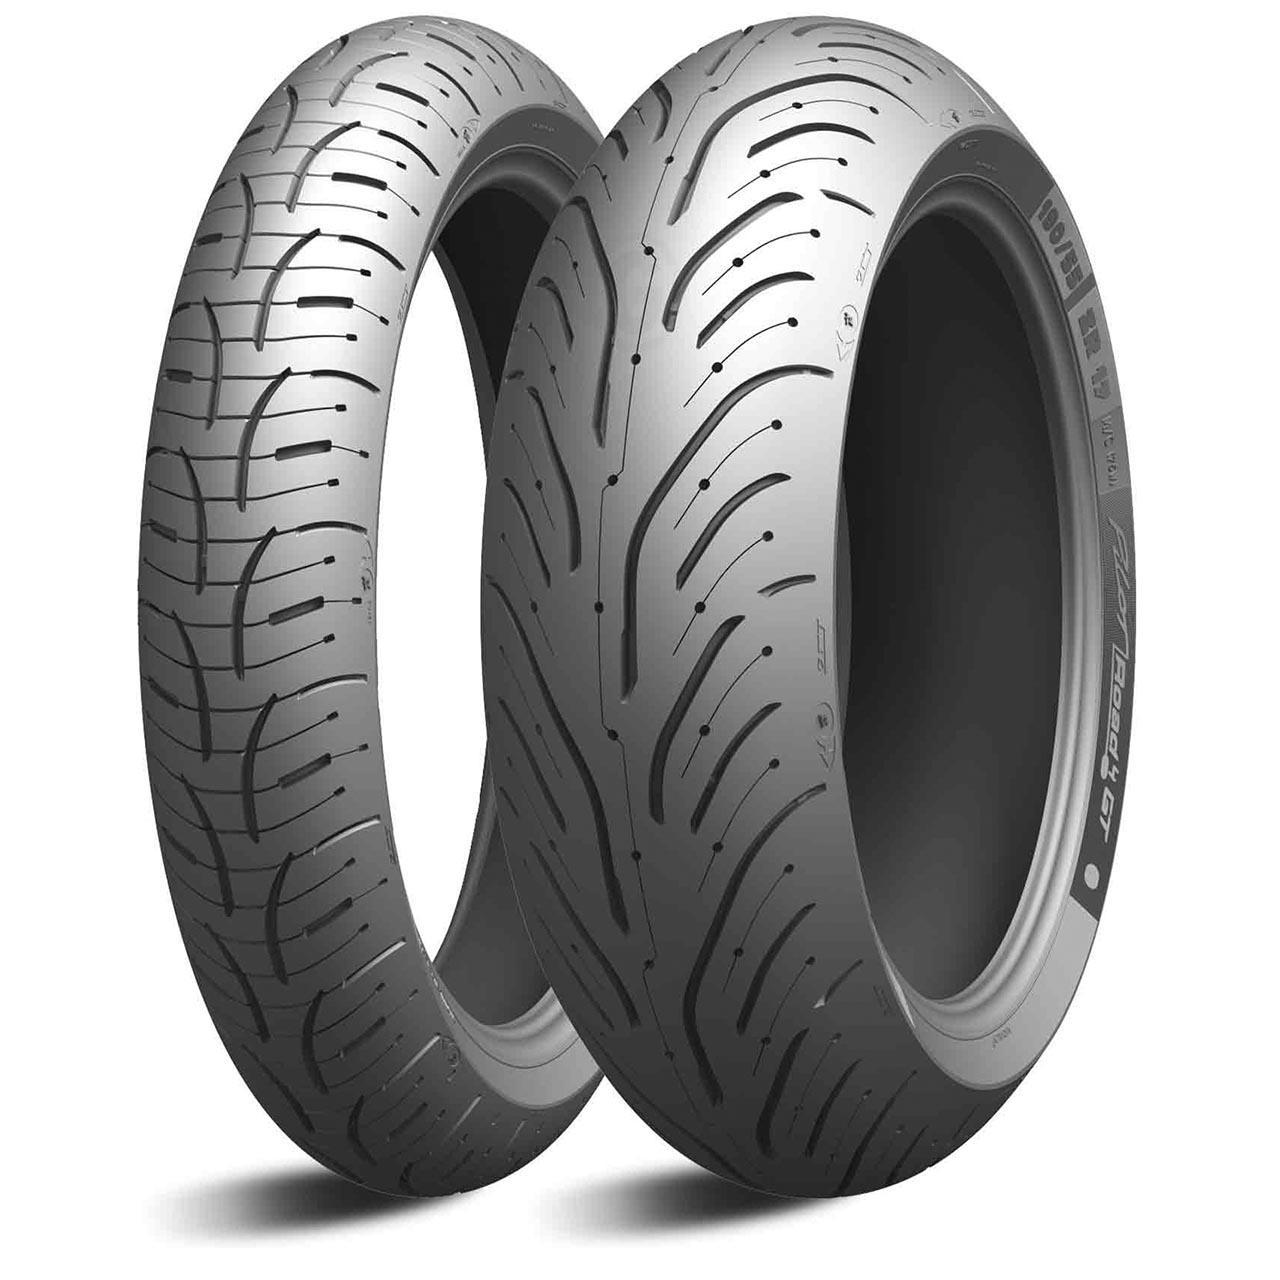 Michelin Pilot Road 4 GT R 180/55ZR17 M/C (73W) TL